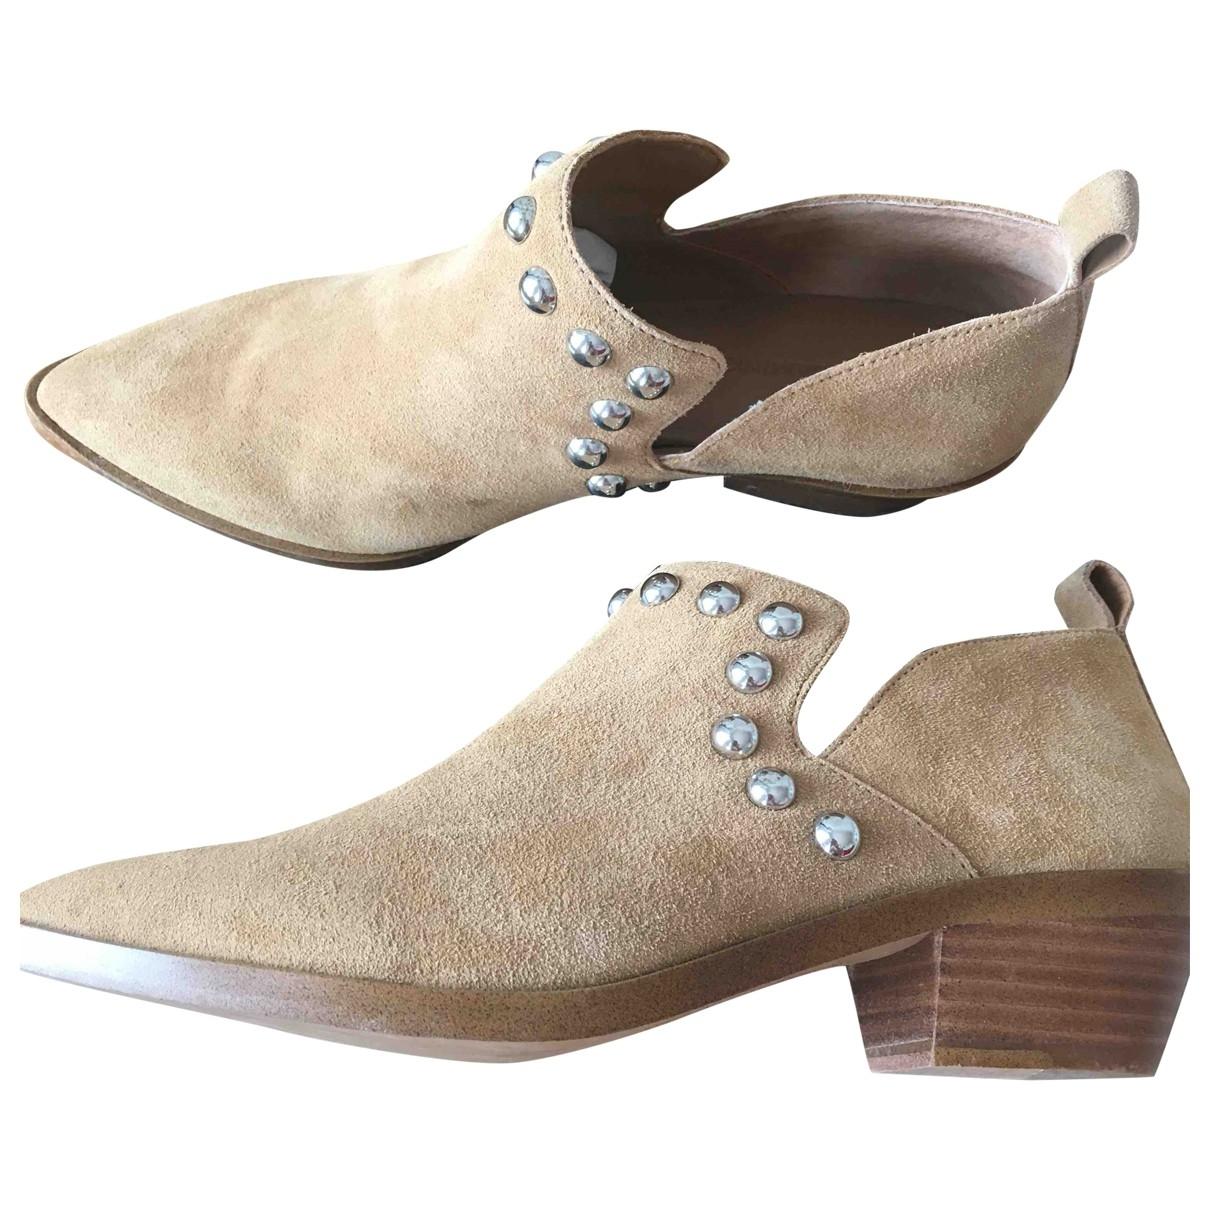 Rebecca Minkoff - Boots   pour femme en cuir - beige